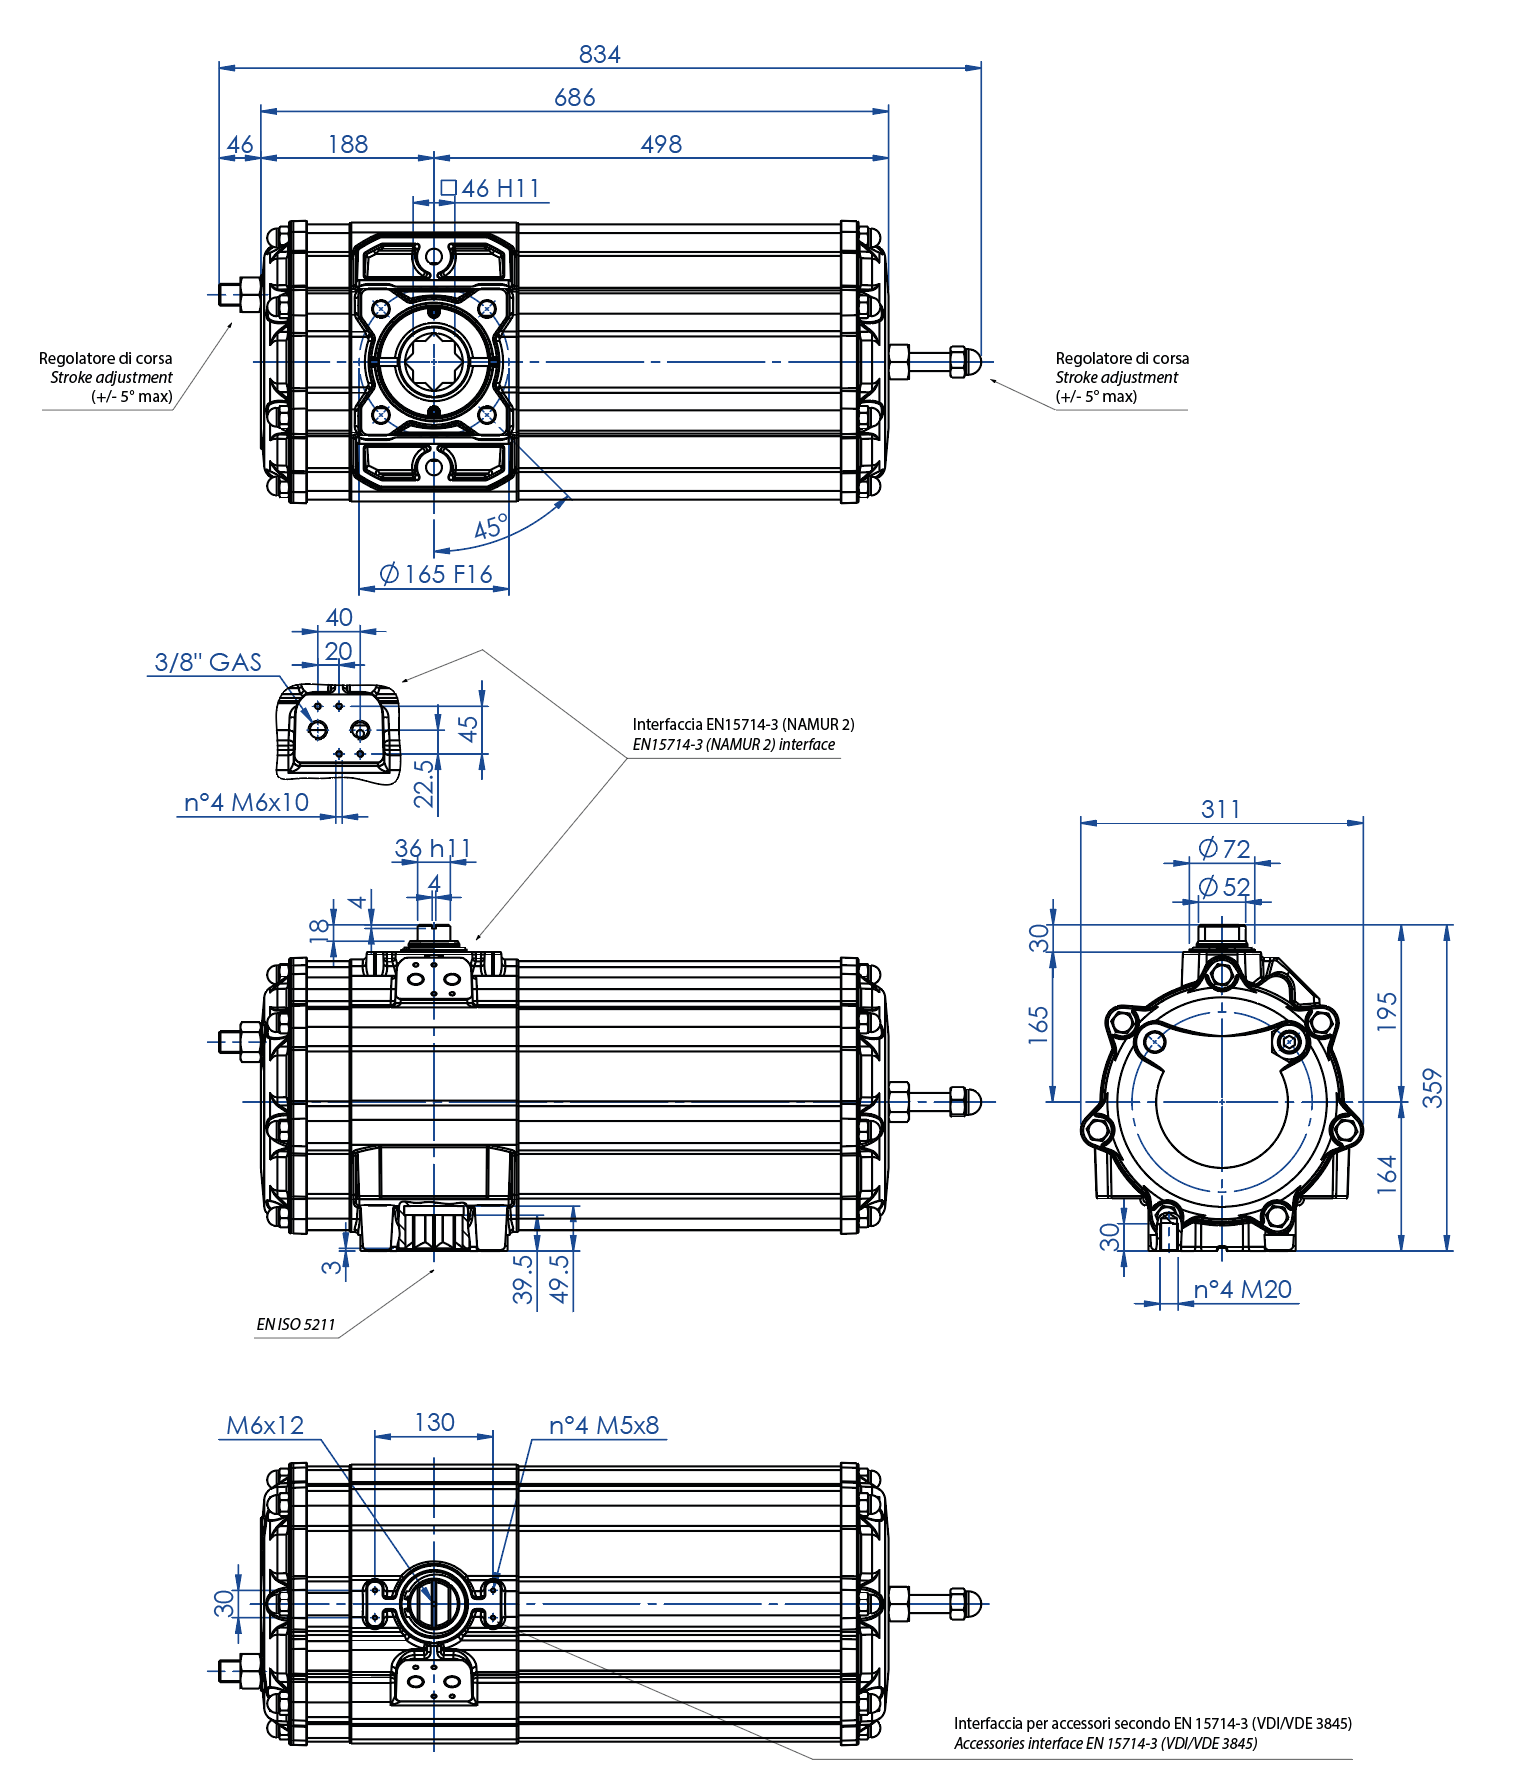 Actuador neumático efecto simple GS de aluminio - dimensiones - Actuador neumático simple efecto medida GS 1440 (Nm)